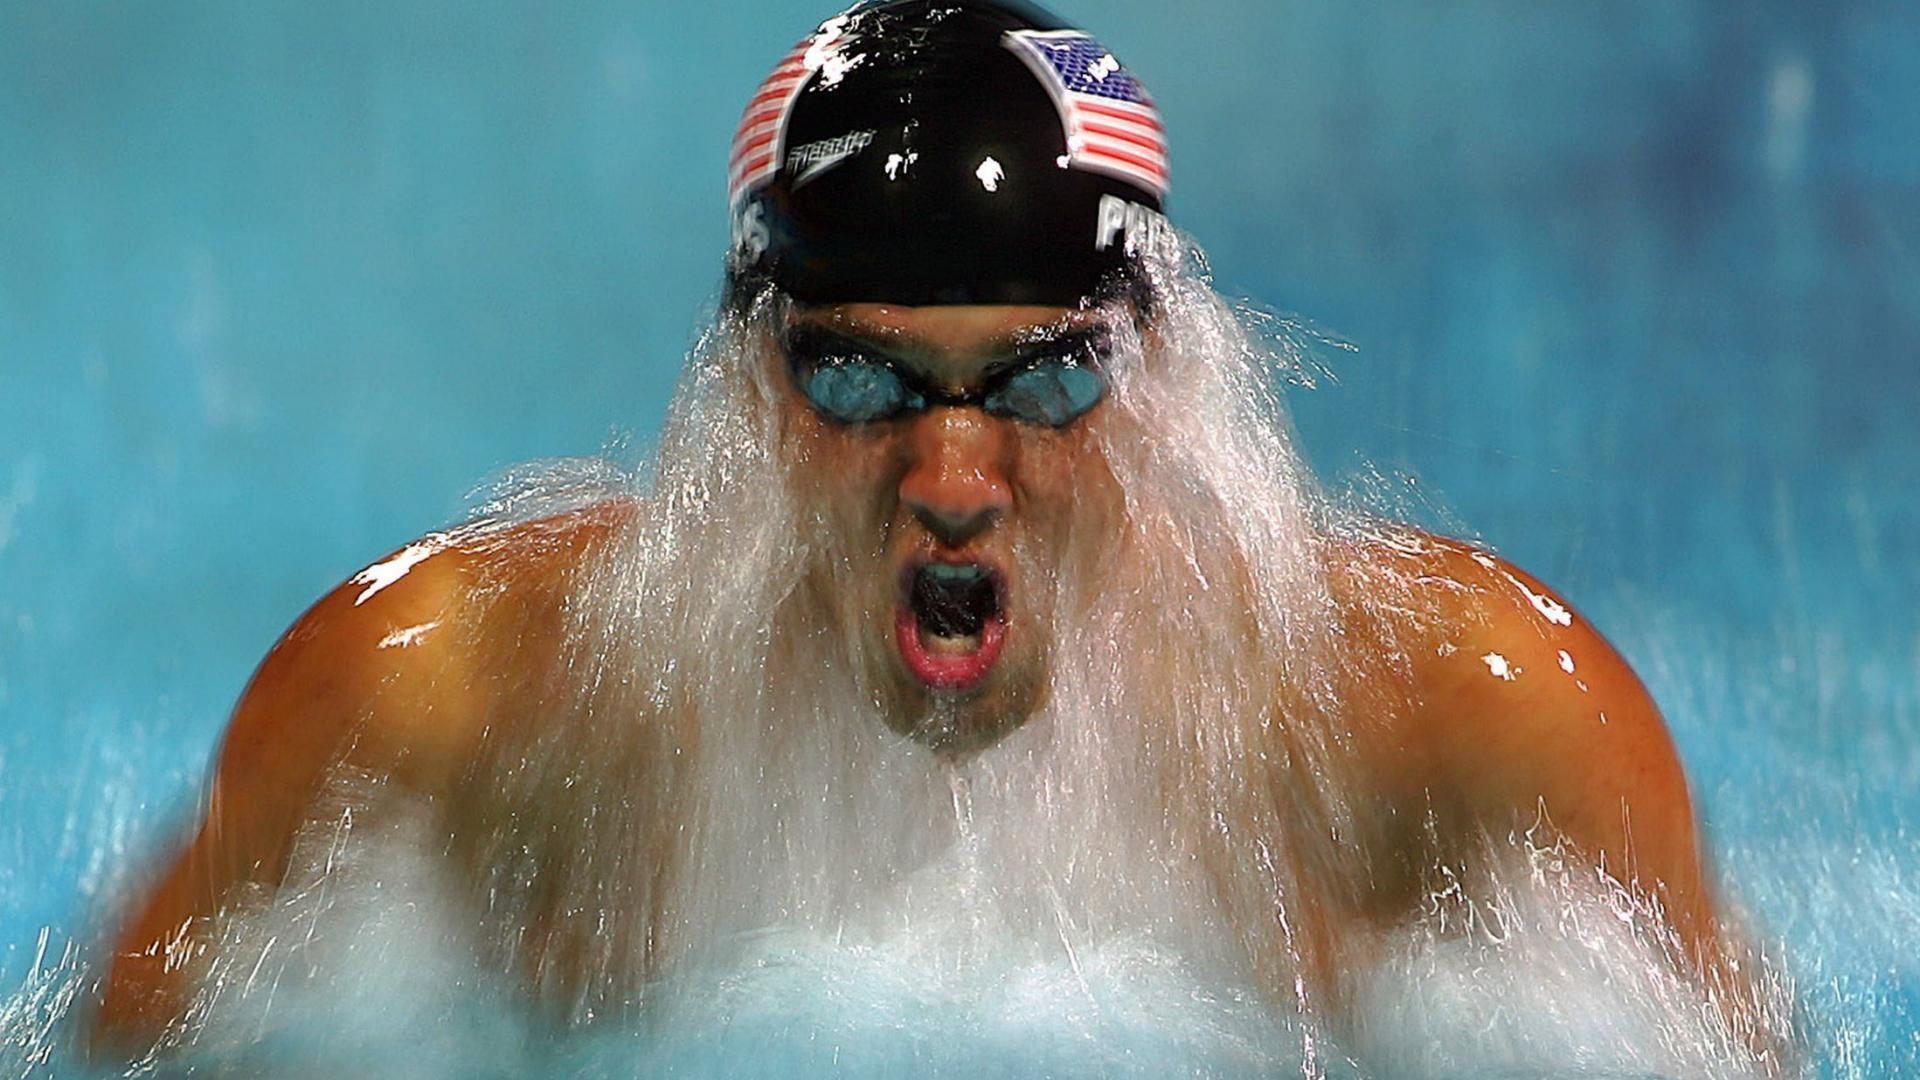 O campeão olímpico de natação, Michael Phelps, foi preso por dirigir embriagado